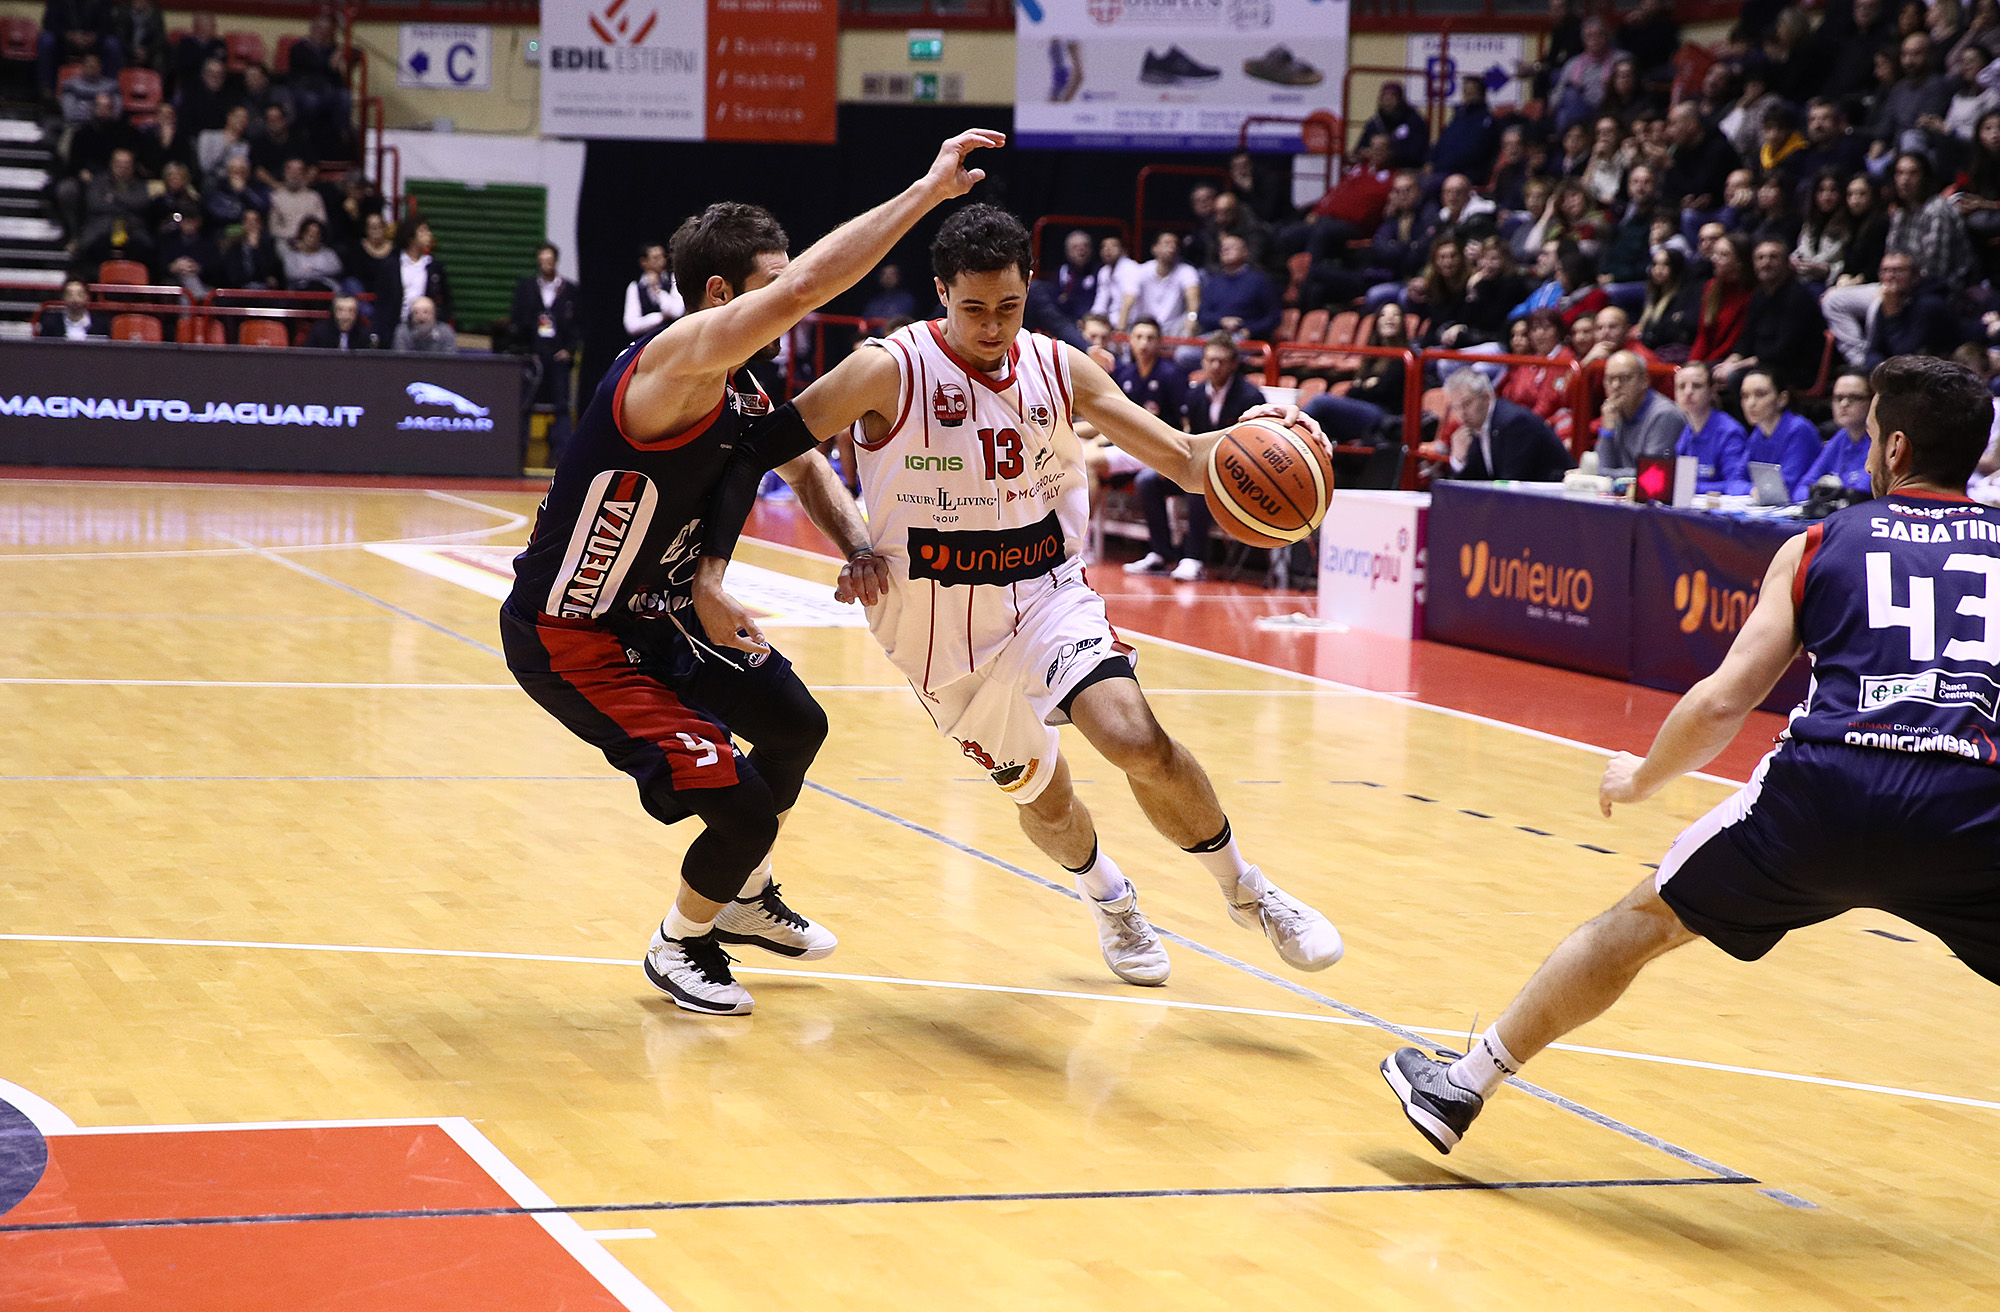 Basket Unieuro Forlì Marini con Piacenza